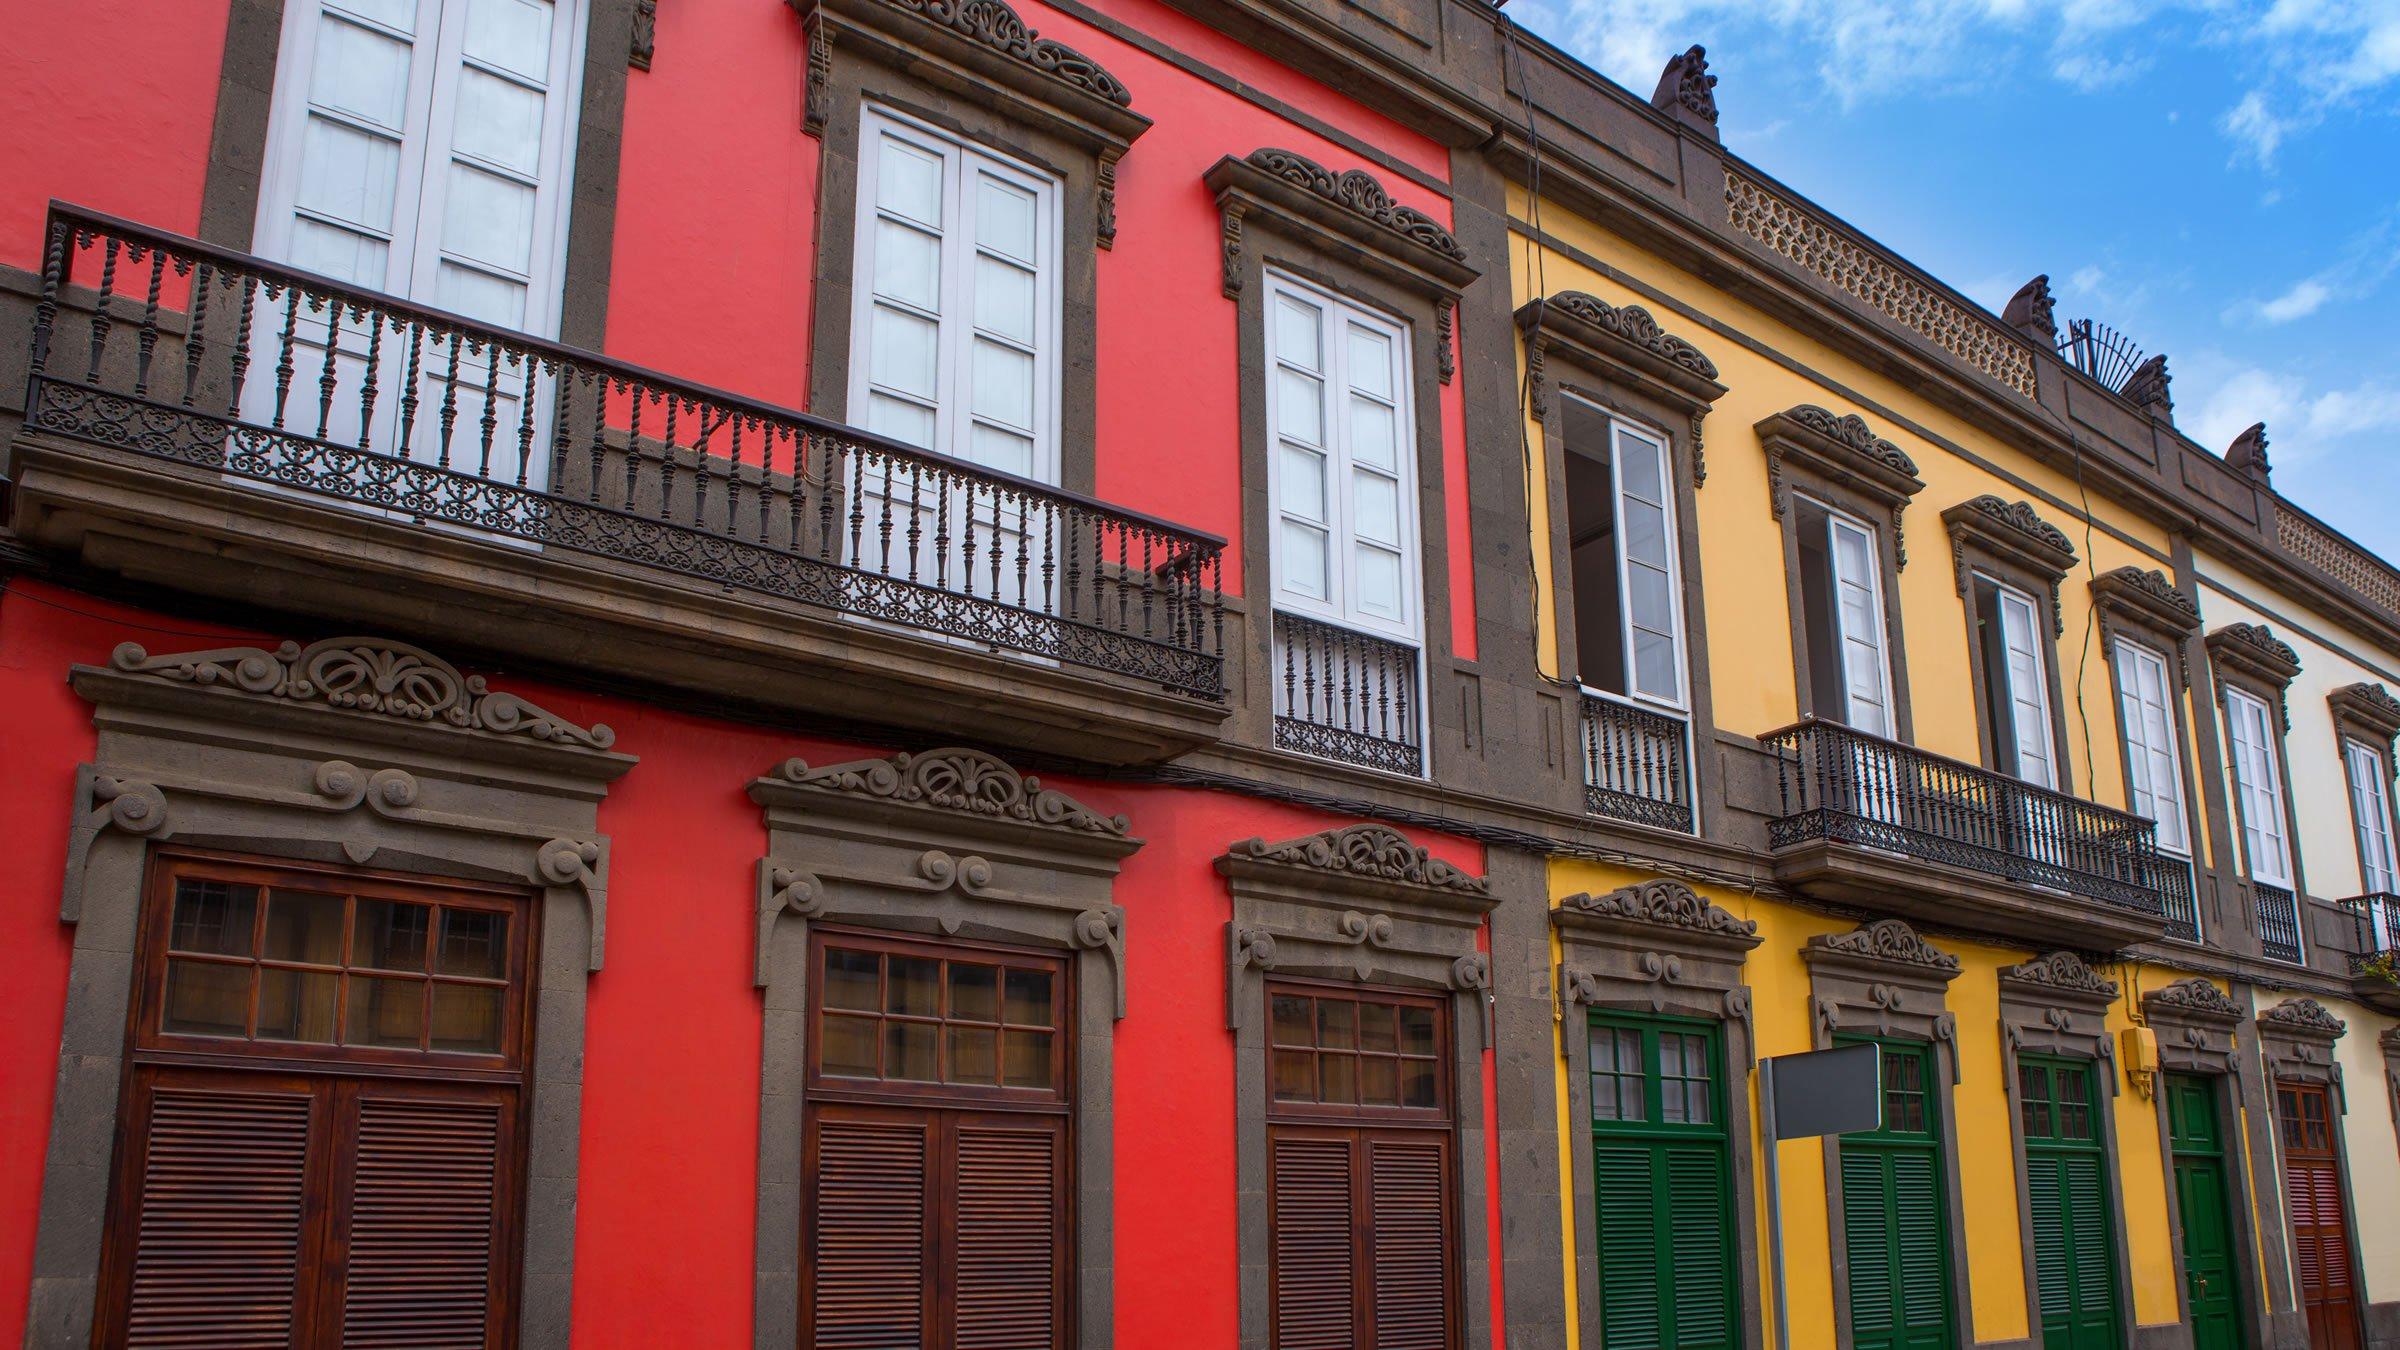 Fachadas tradicionales del barrio de la vegueta las palmas for Ciudades mas turisticas de espana